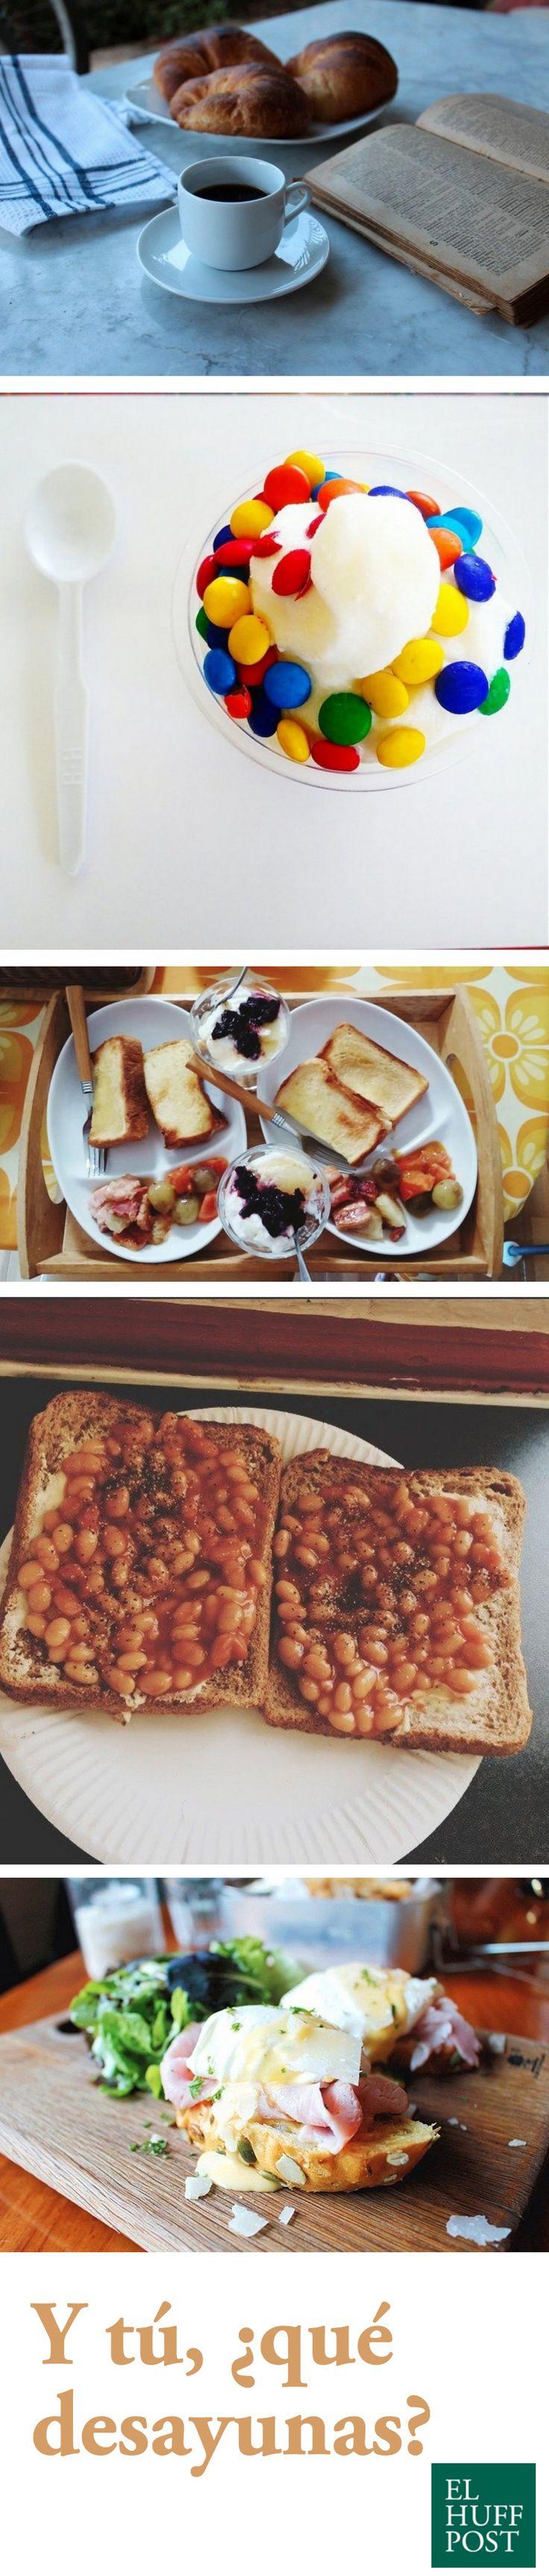 Desayunos del mundo: en la variedad está la belleza  http://www.huffingtonpost.es/2015/07/22/desayunos-mundo_n_7832226.html